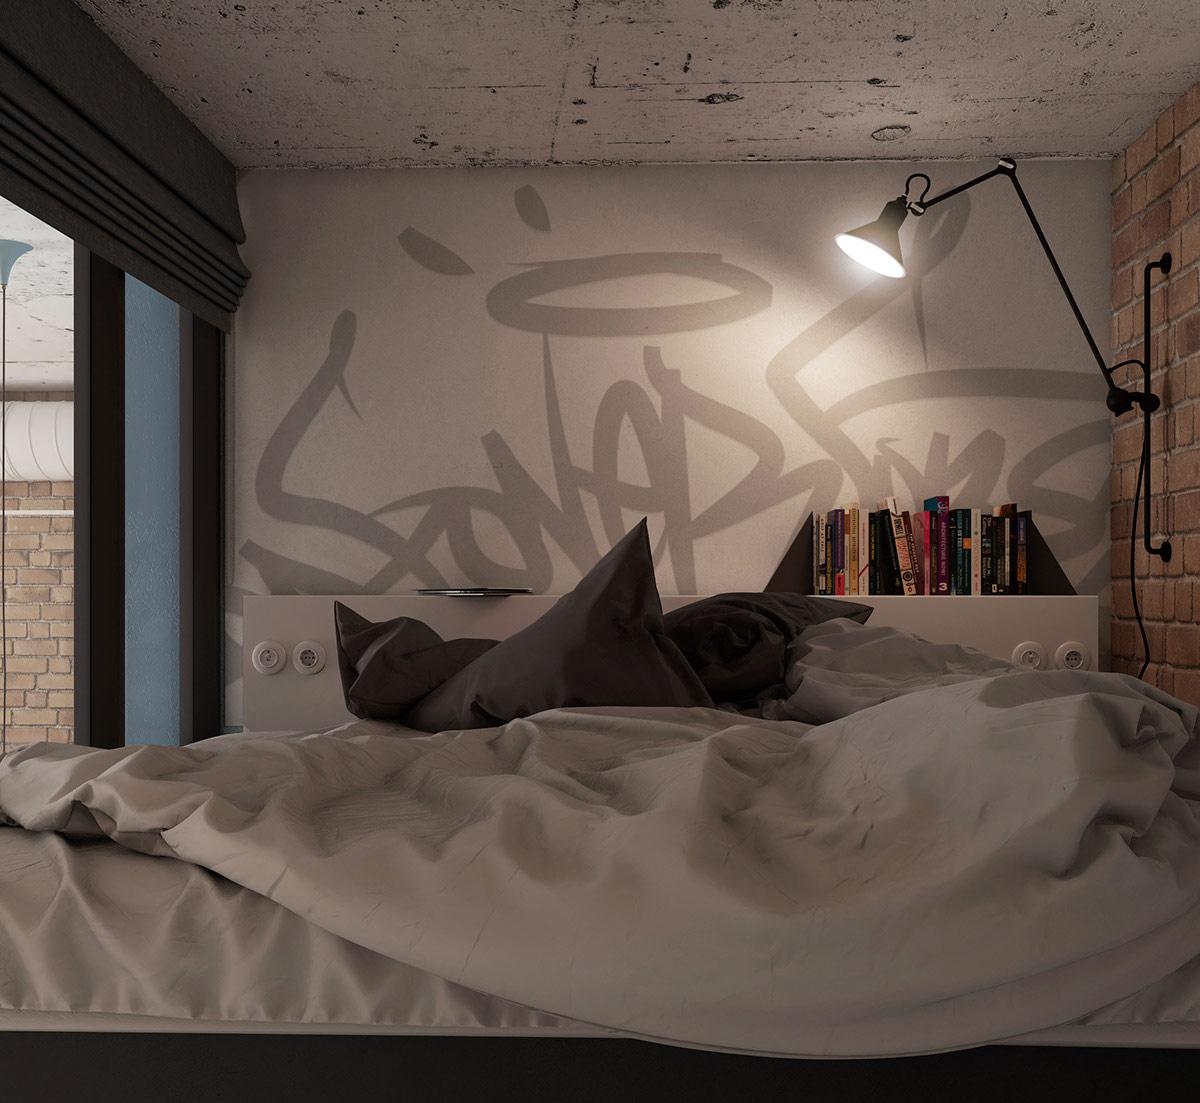 Một chiếc đèn tường có cánh tay đòn chiếu sáng graffiti thẻ trên bức tường đầu giường và chiếu ánh sáng đọc sách vào phòng ngủ ấm cúng nhỏ gọn